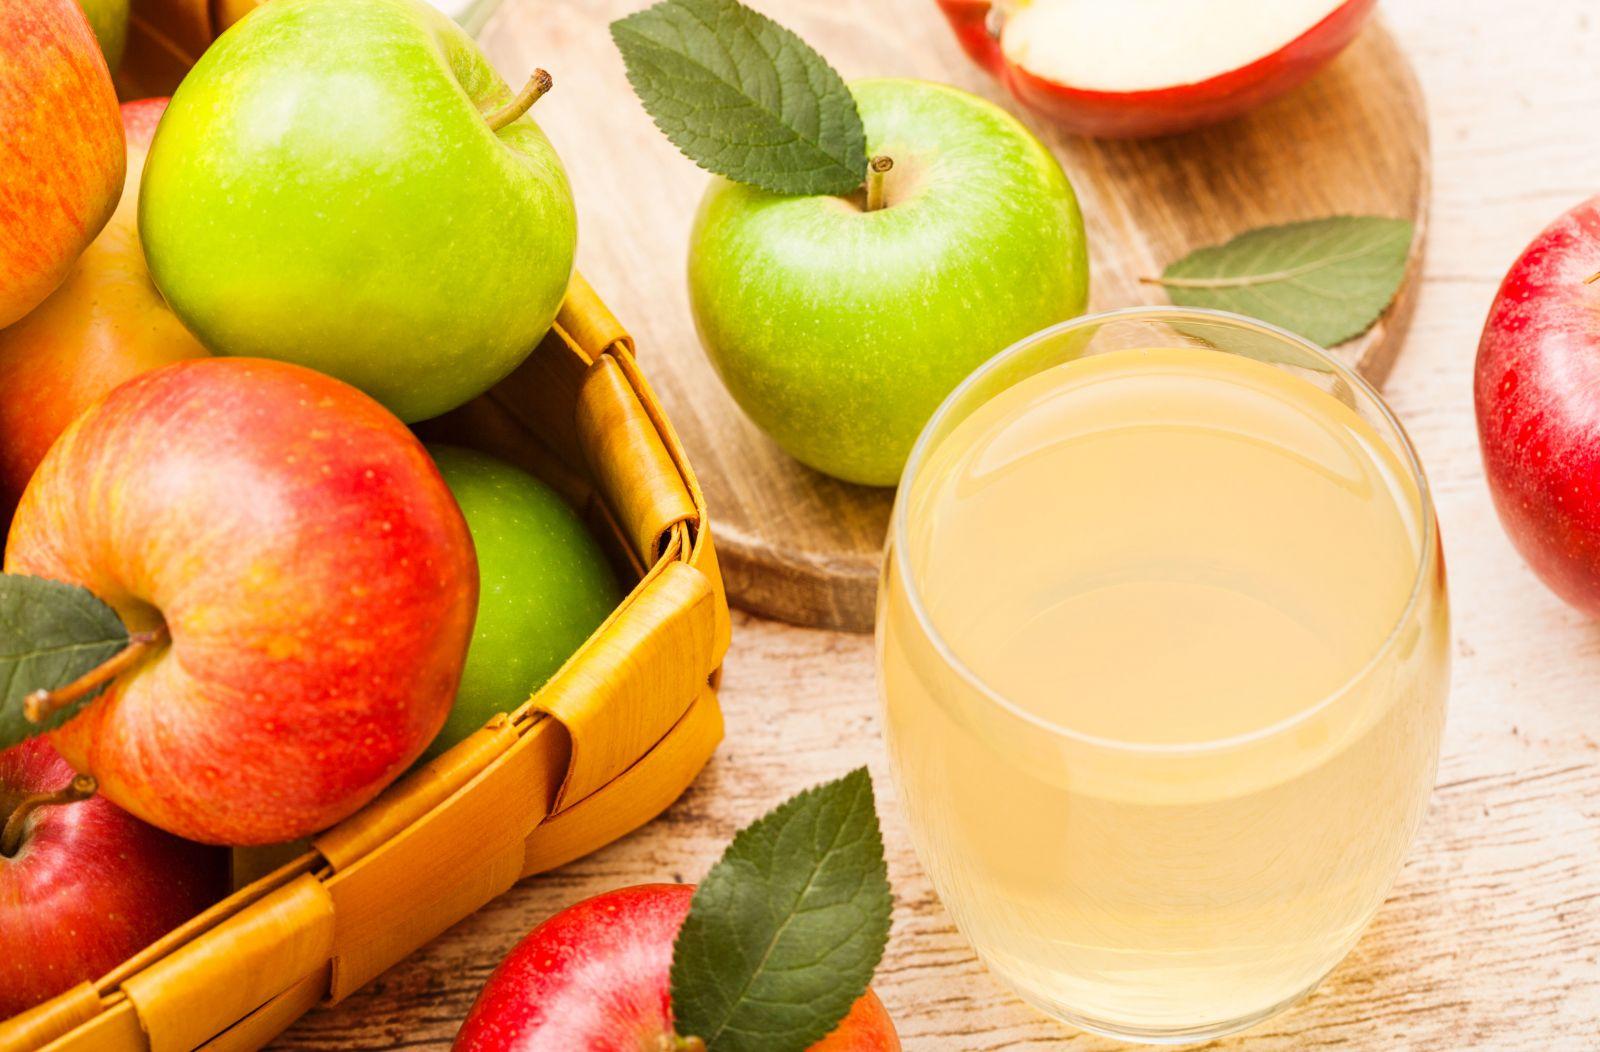 Äpfel von Streuobstwiesen sind sehr gesund und ausserdem nachhaltig.